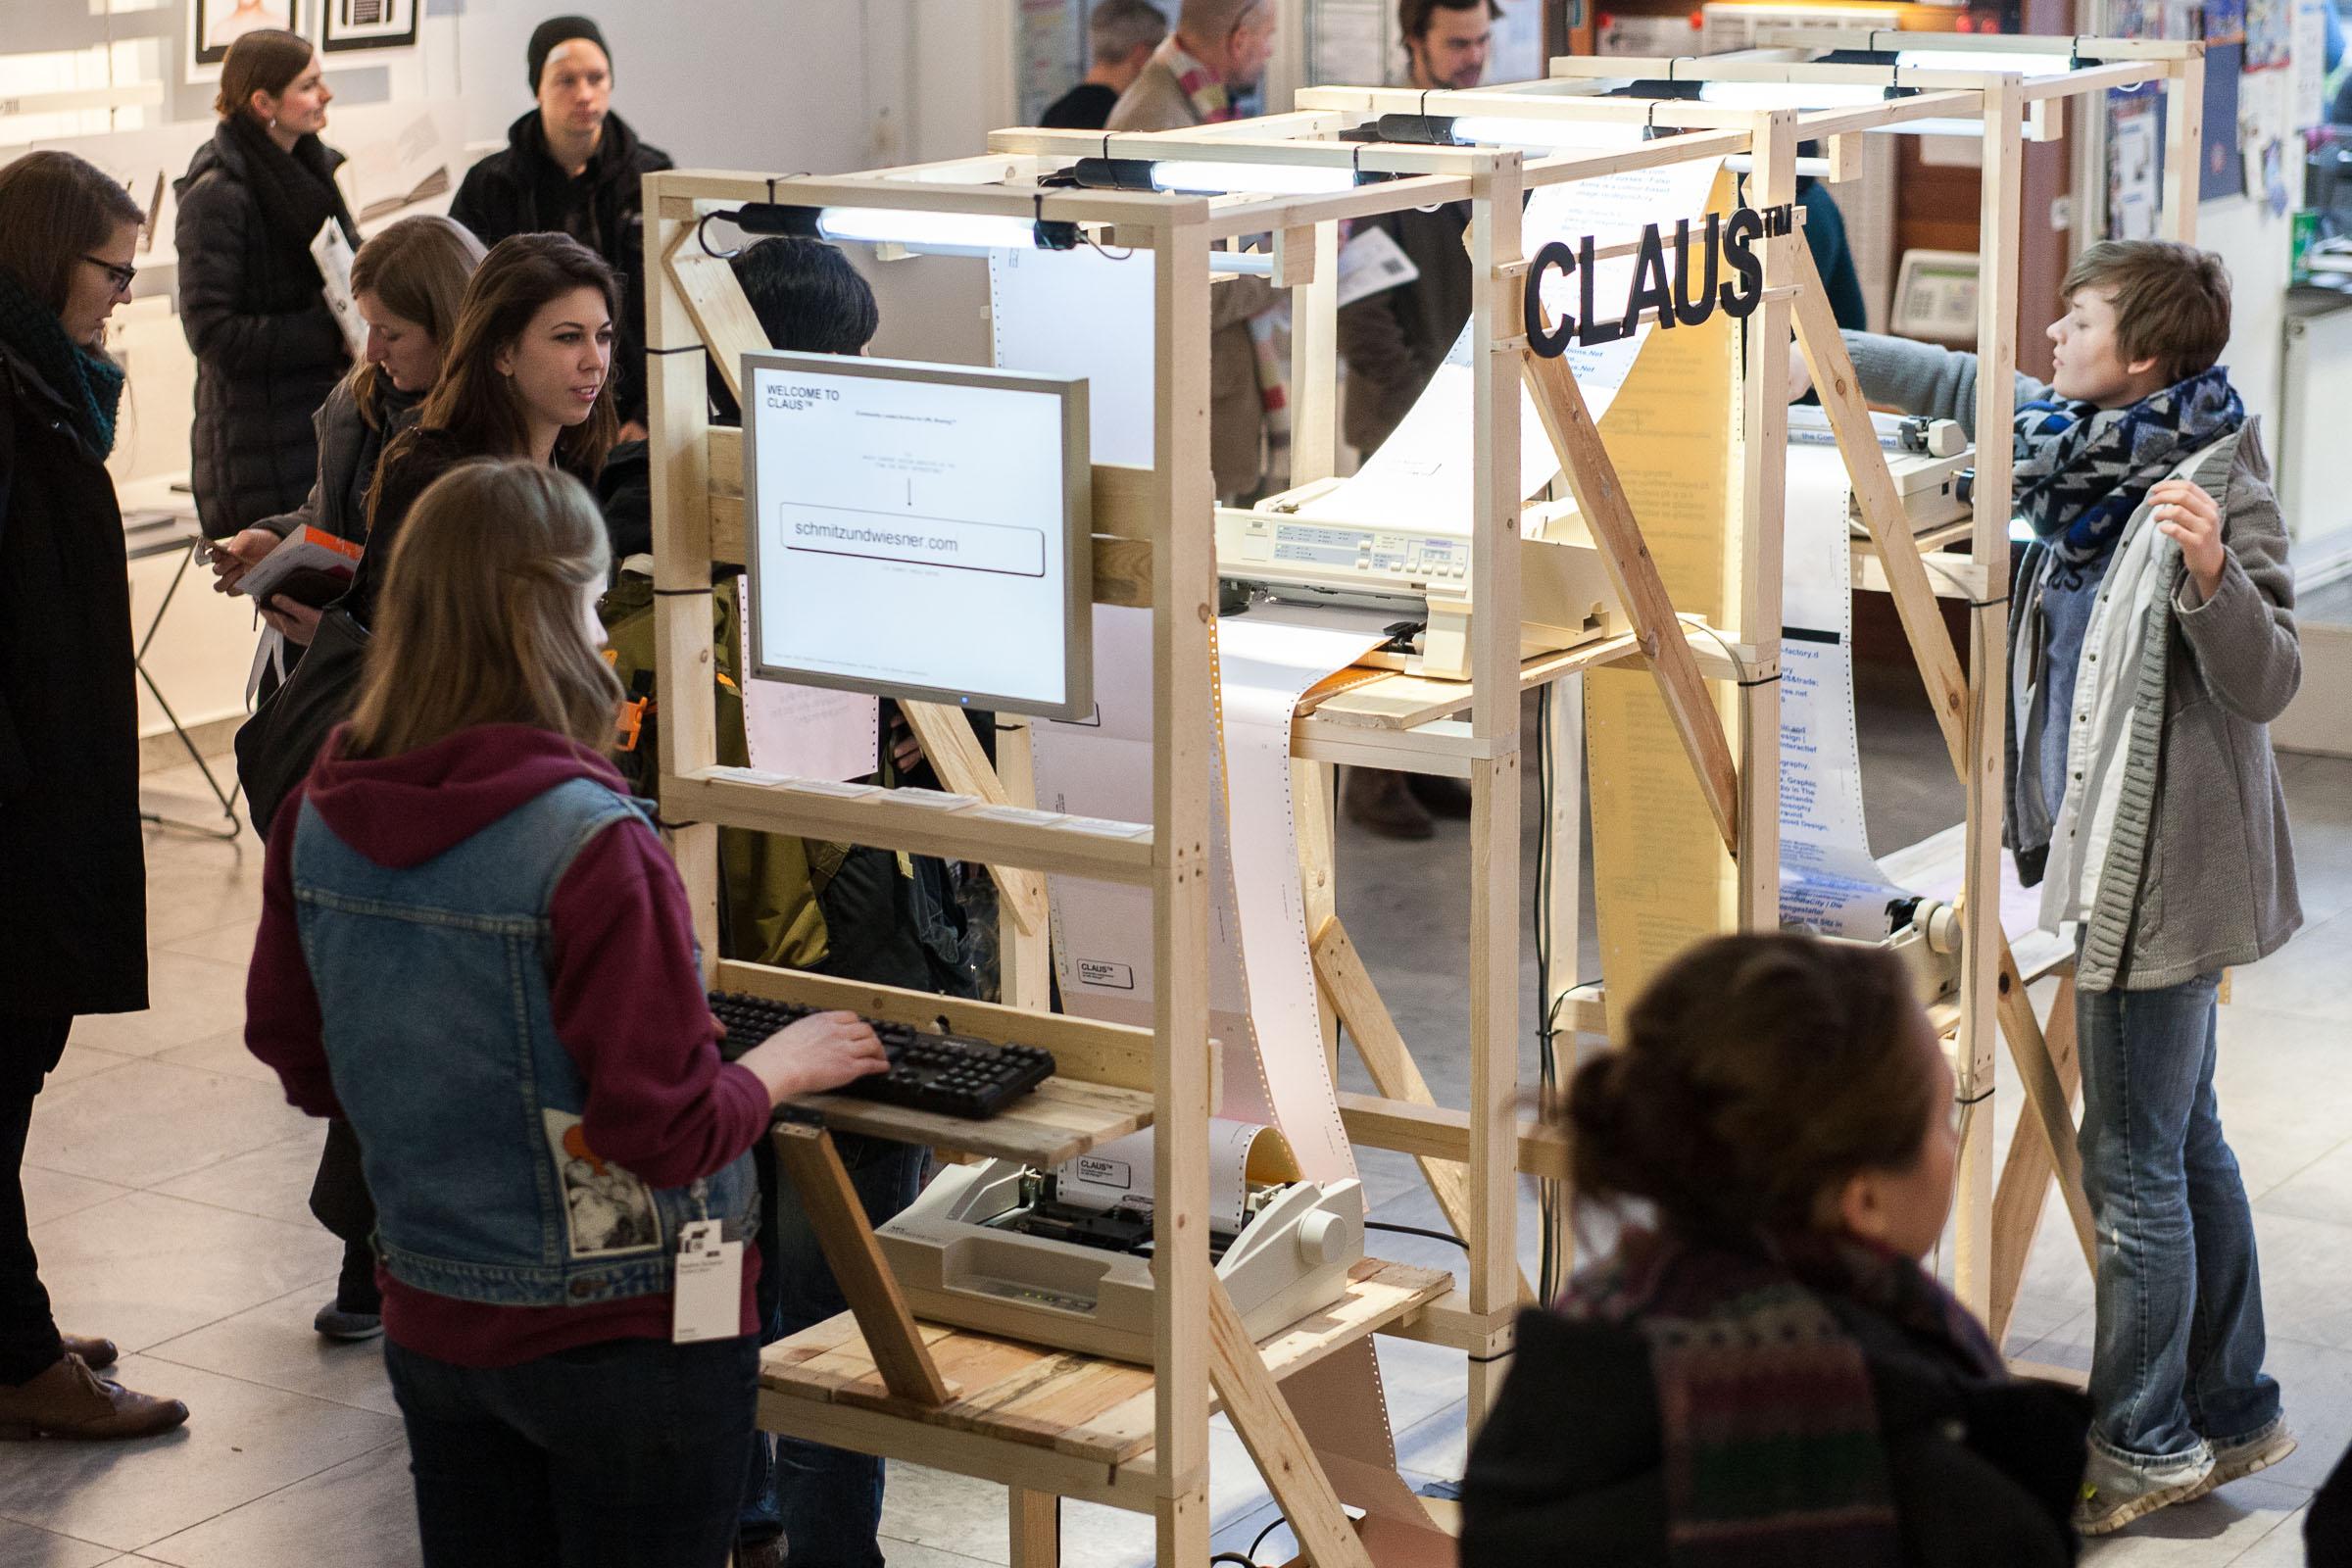 Besucher des Translations 4 Symposiums an der Hochschule Mainz bedienen CLAUS™ © Christian Weber – Büro für Gestaltung und Kommunikation